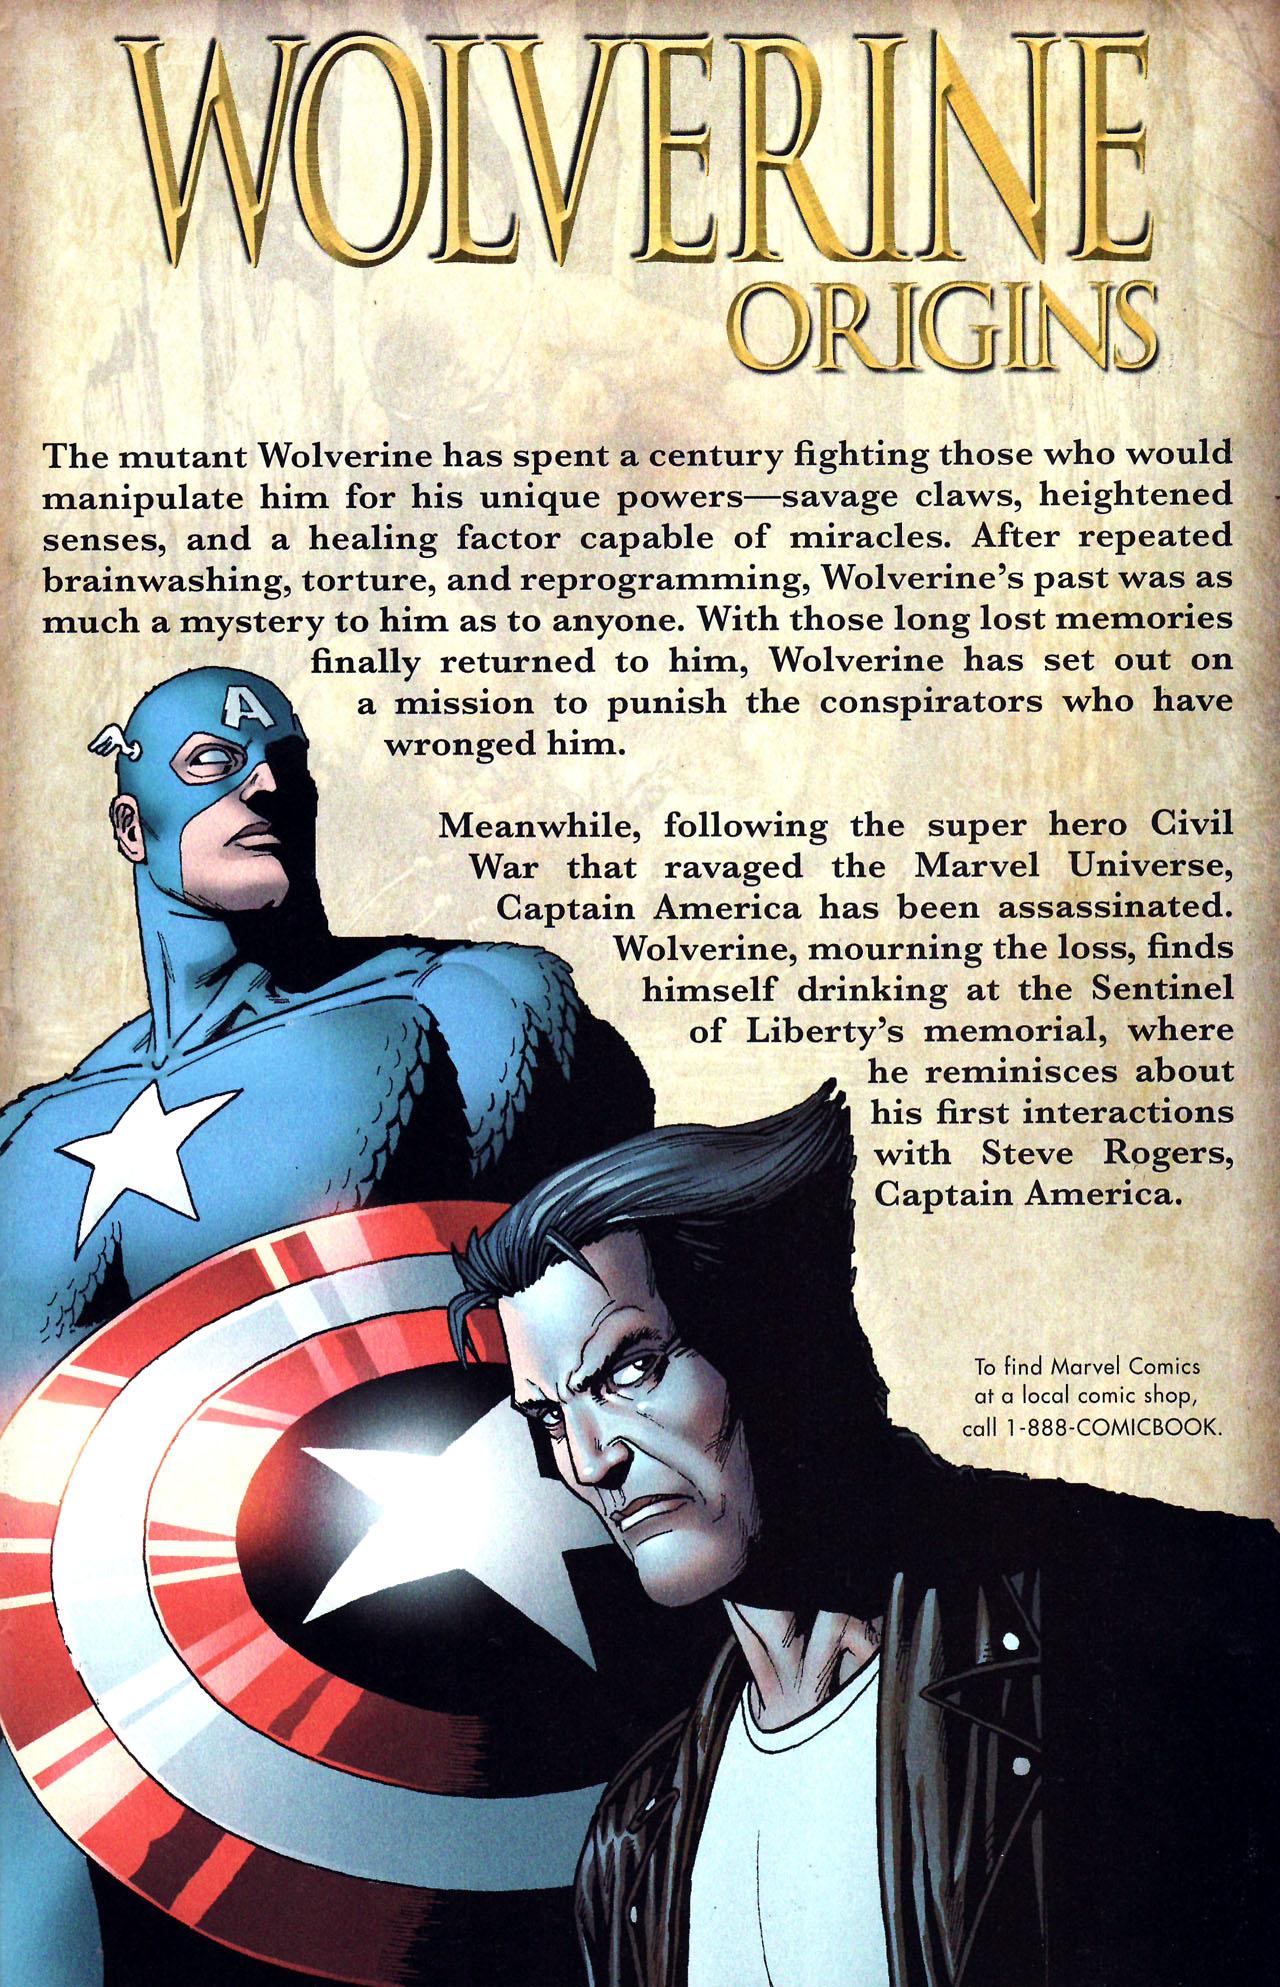 Read online Wolverine: Origins comic -  Issue #17 - 2